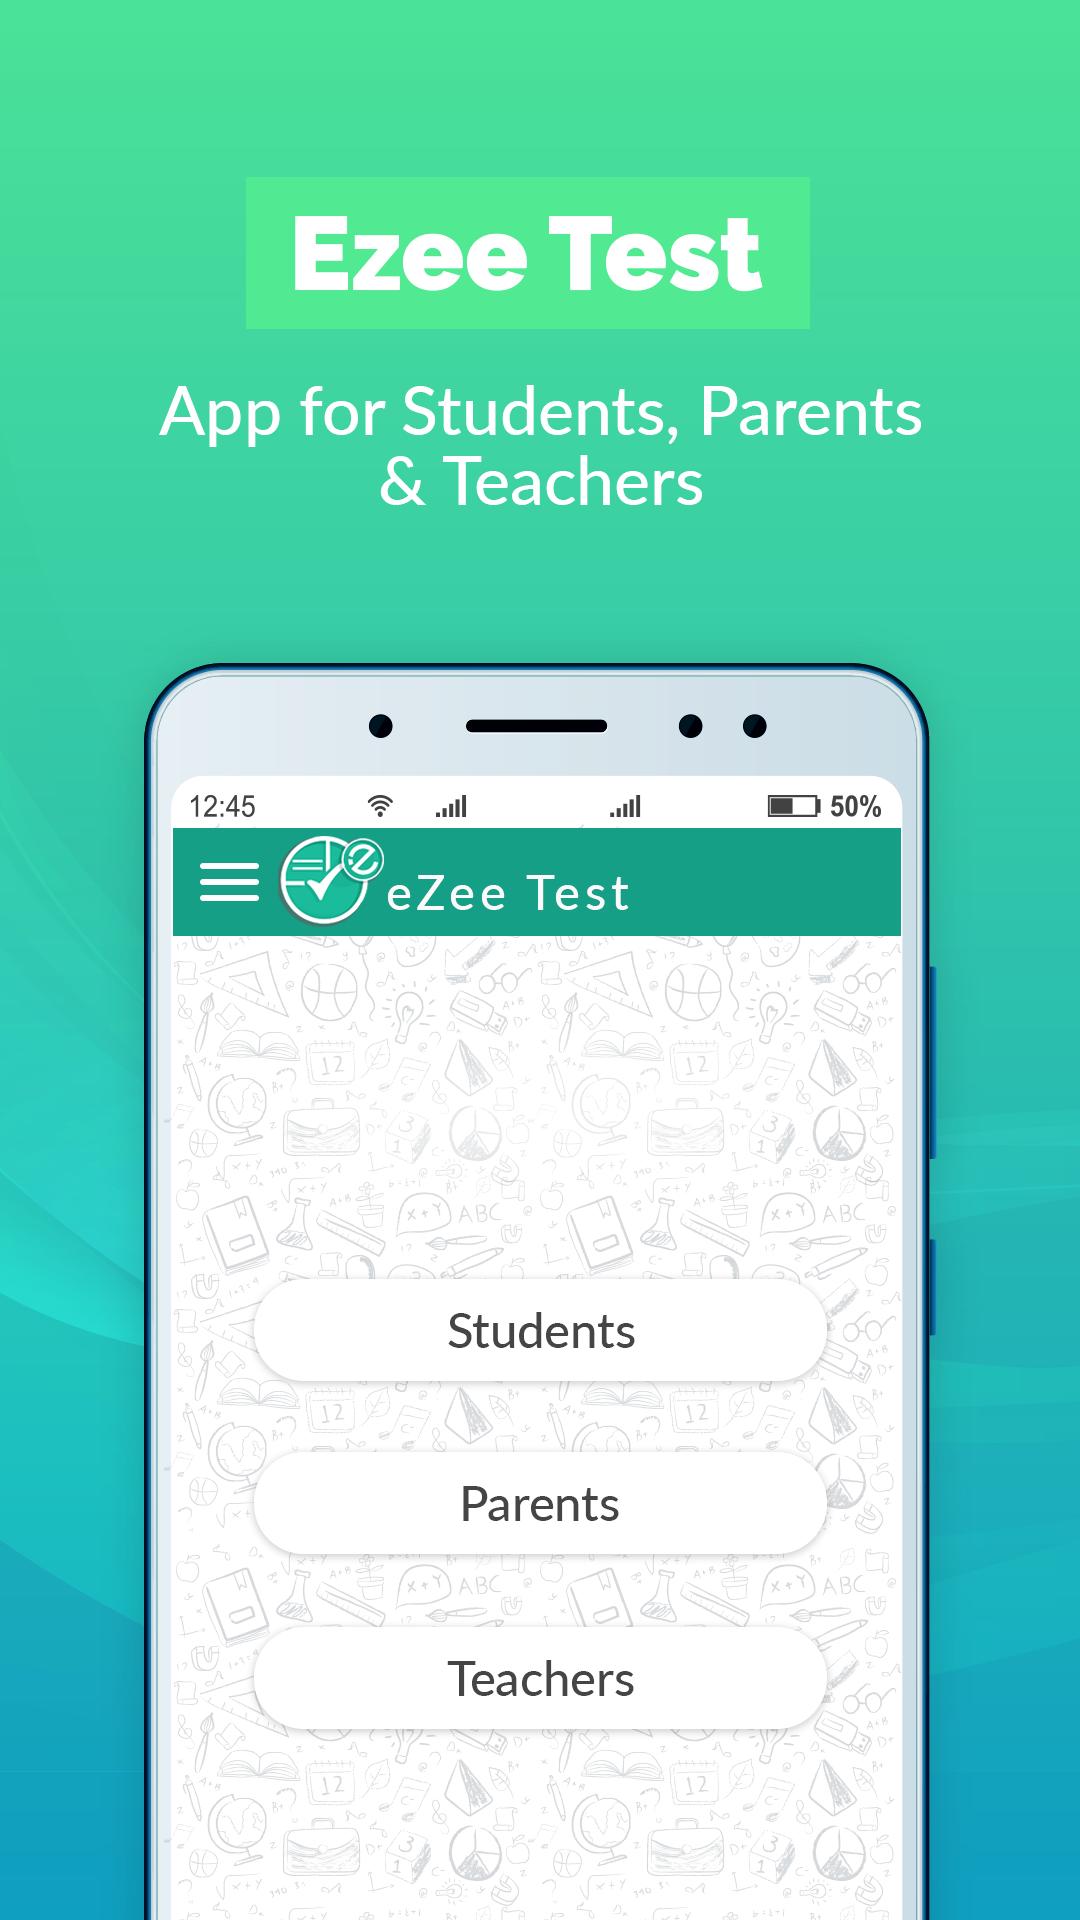 eZee Test Exam-preparation, Online Test Series App